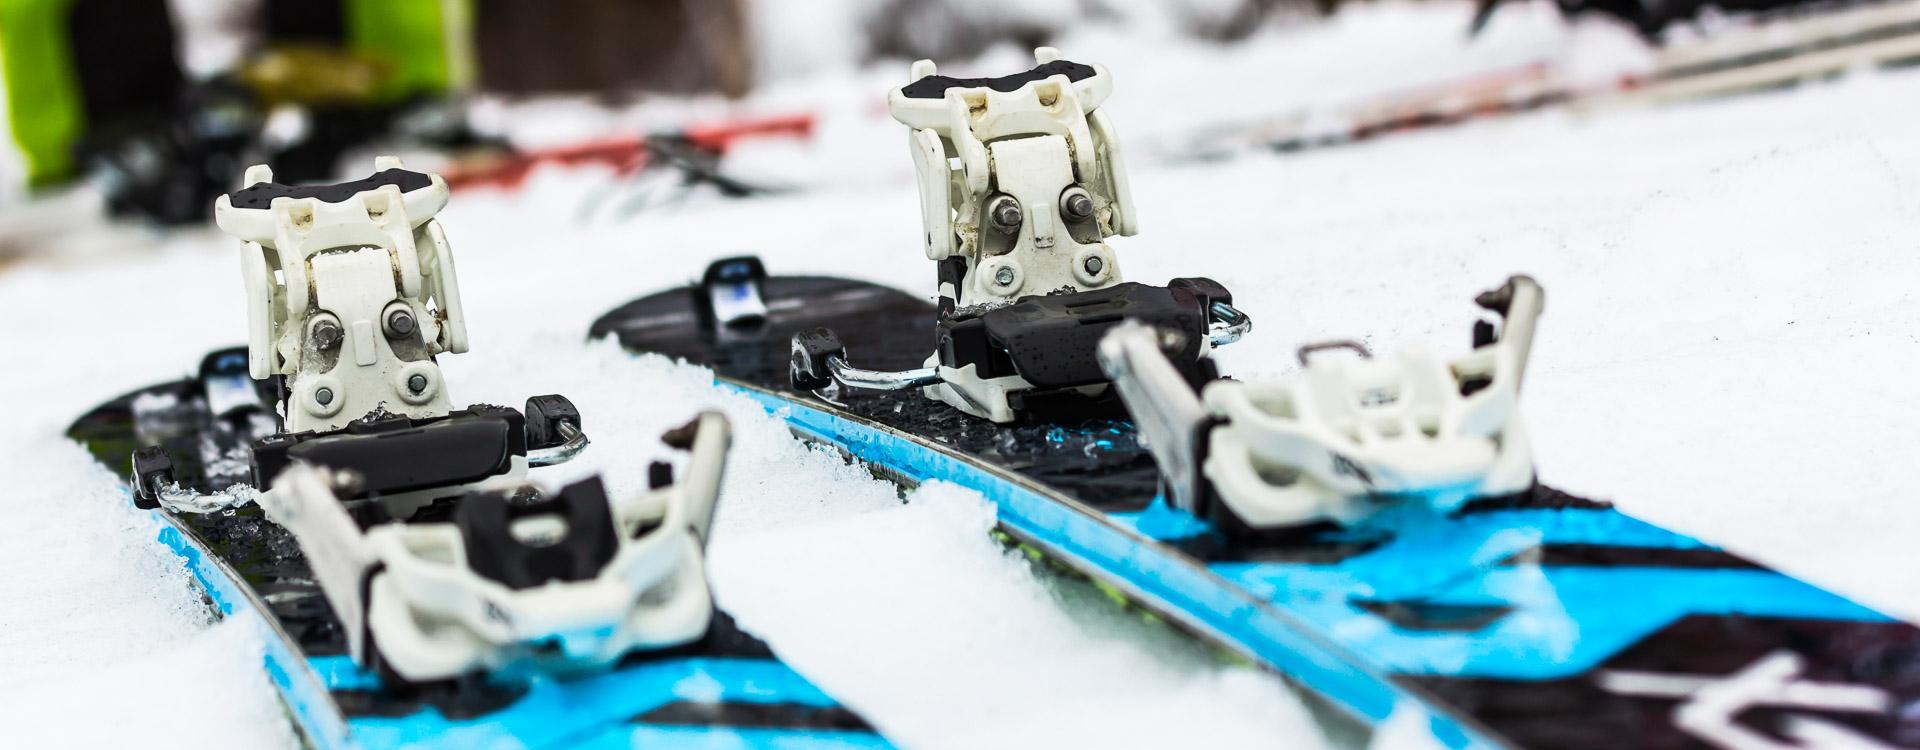 Kaestle Skier fuer die Bergfuehrer